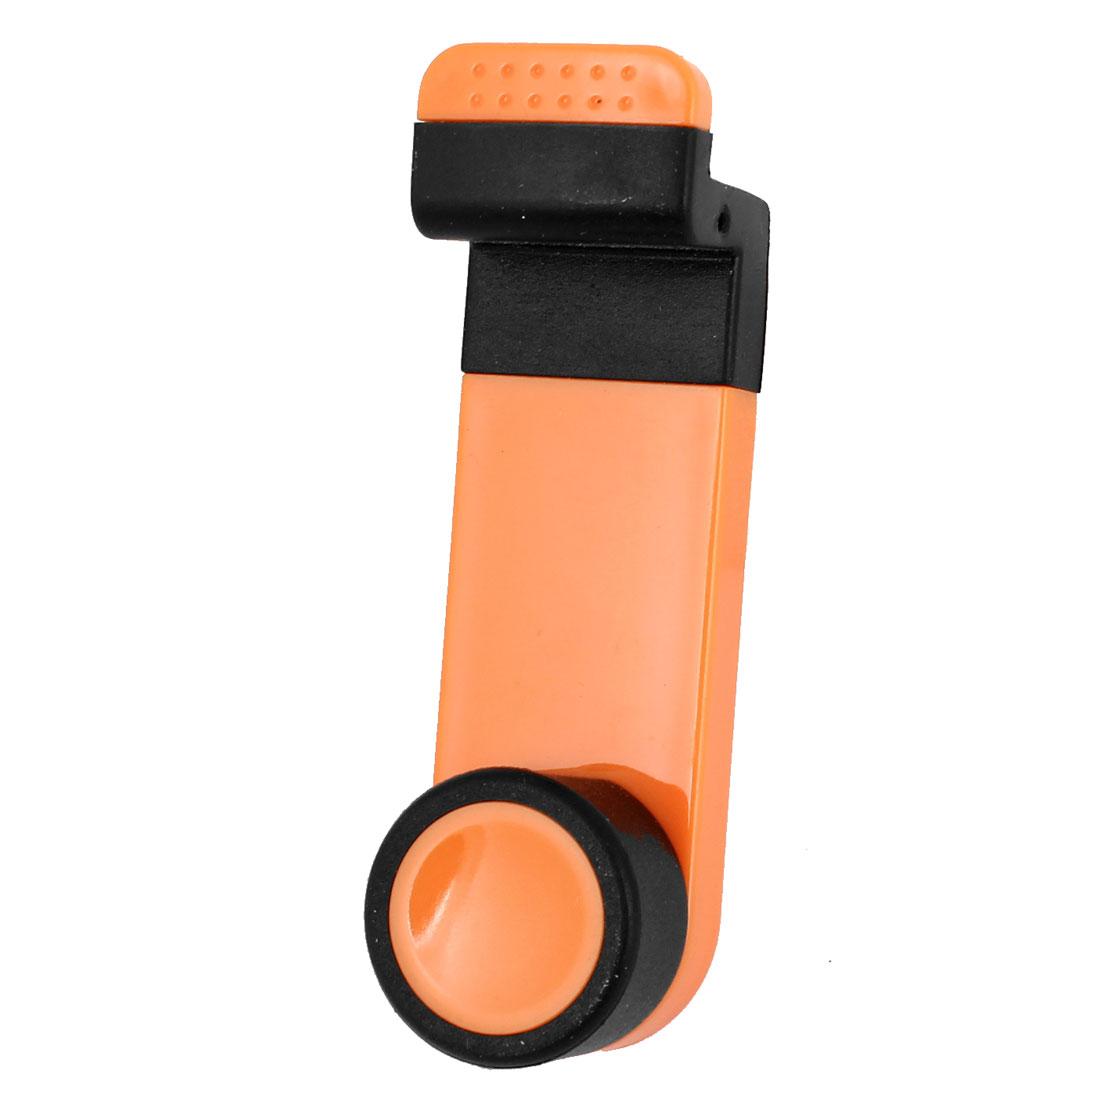 Car Air Vents Mount Mobile Phone Swivel Adjustable Stand Holder Orange Black